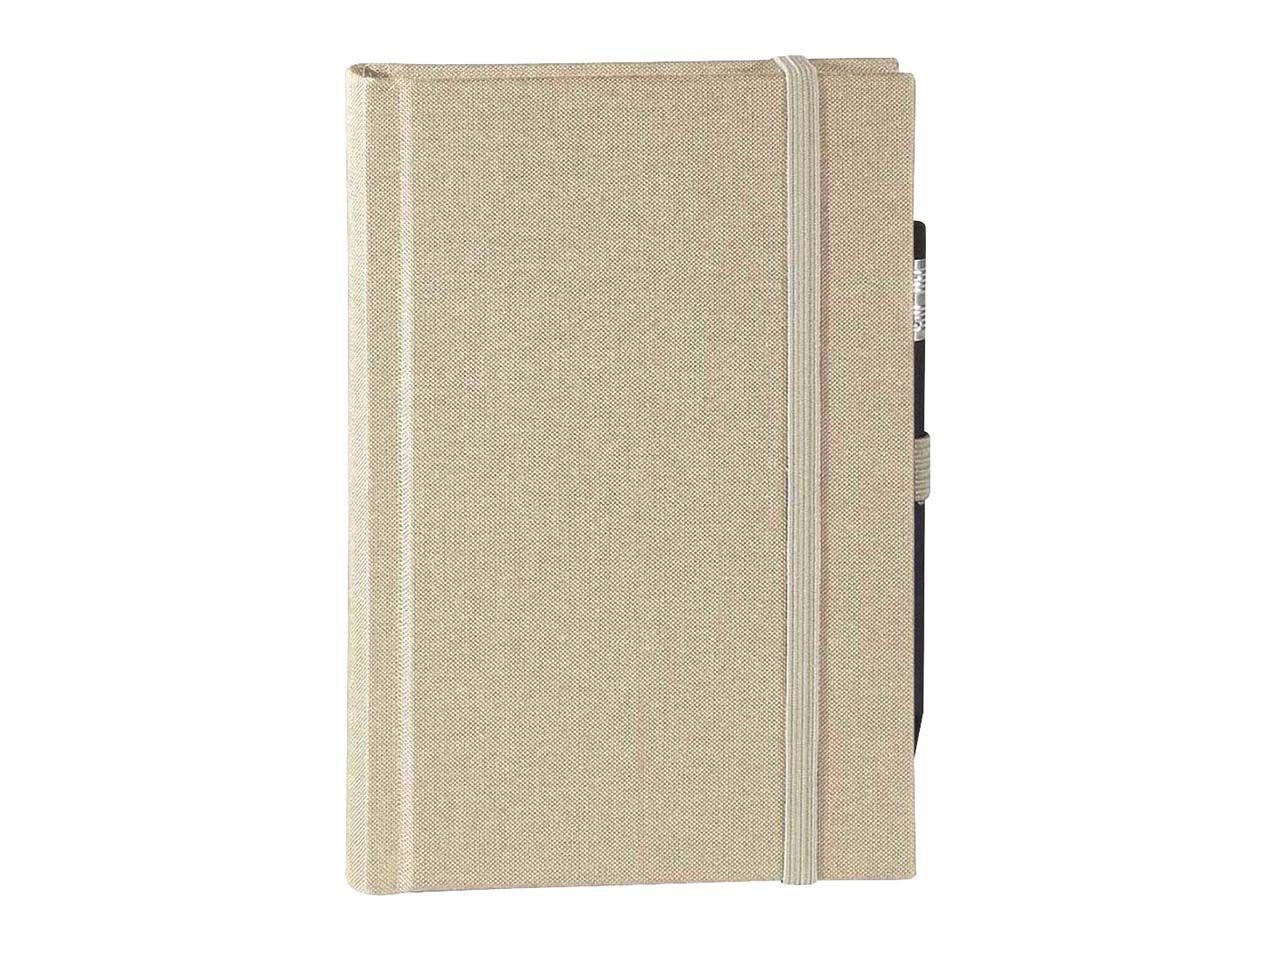 memo Skizzenbuch Leinen A5, (B 130 X H 202 mm) beige, 176 Seiten, Zeichenband,1 0165gar